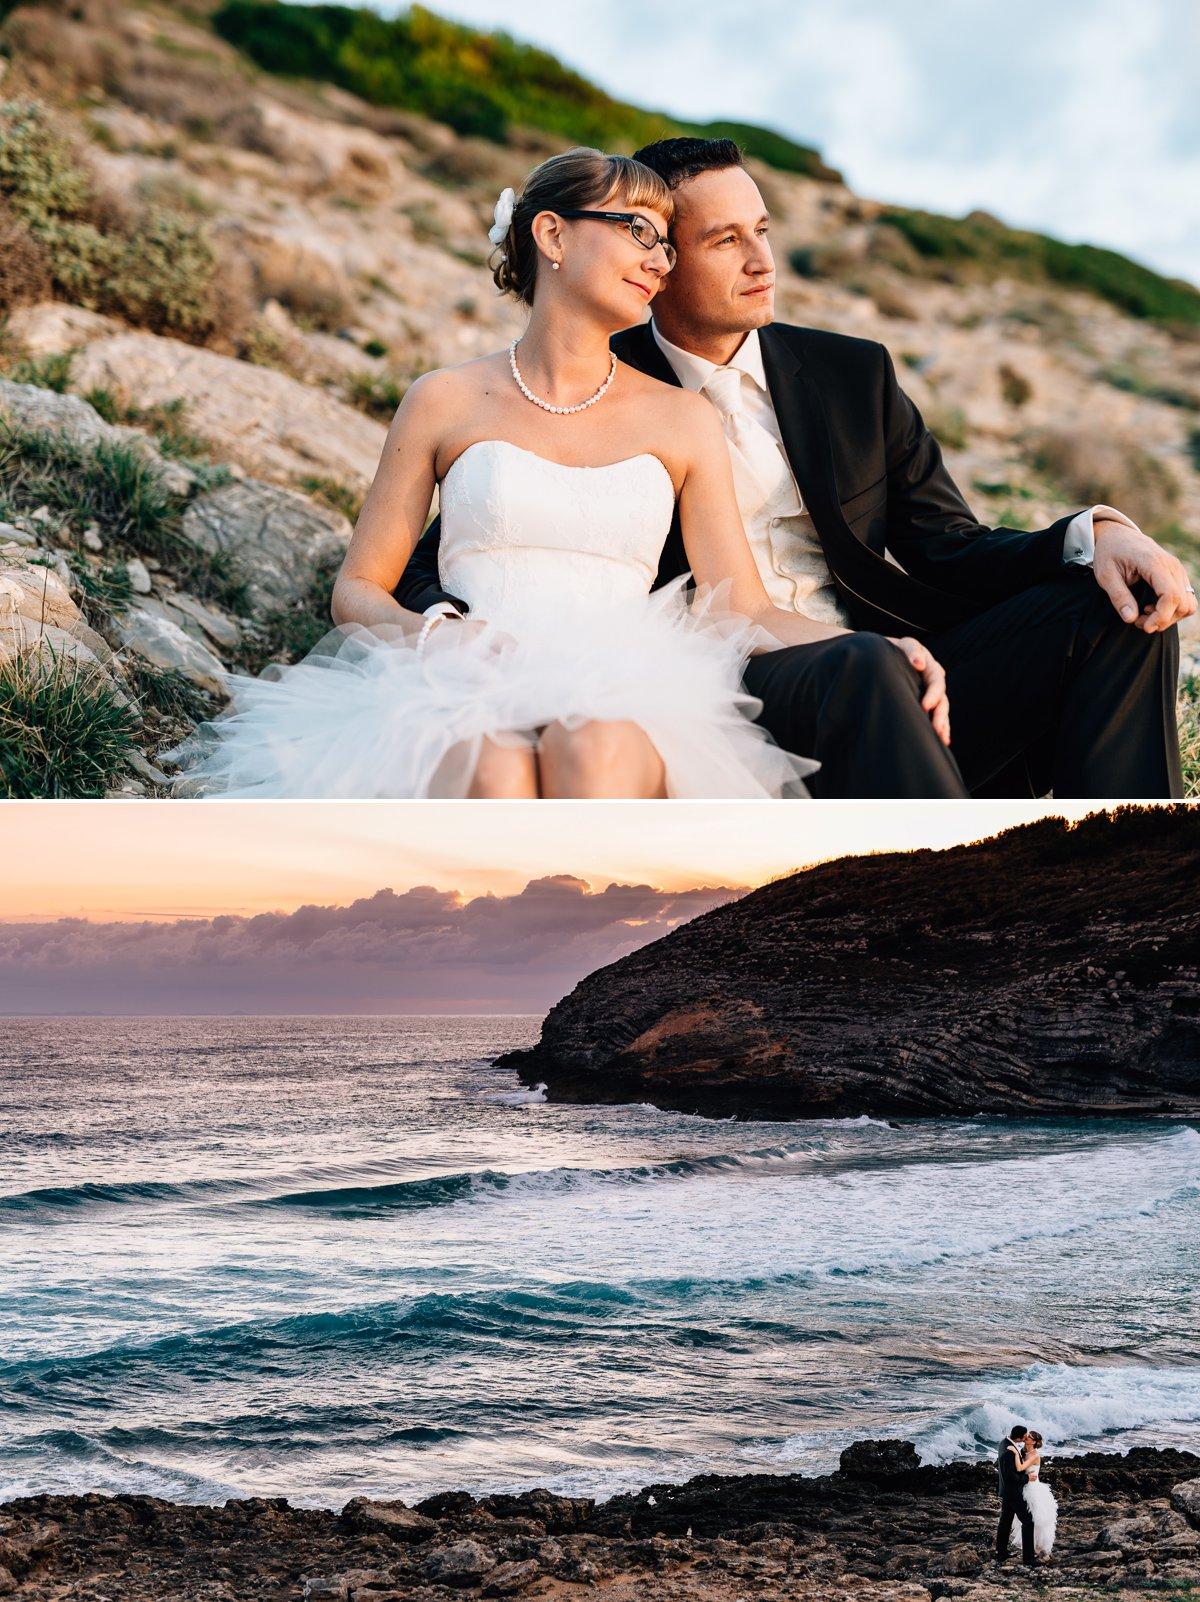 mallorca_destination_wedding_anne_alex_hochzeitsfotograf_reise_rhein-main_frankfurt_palma_malle 12